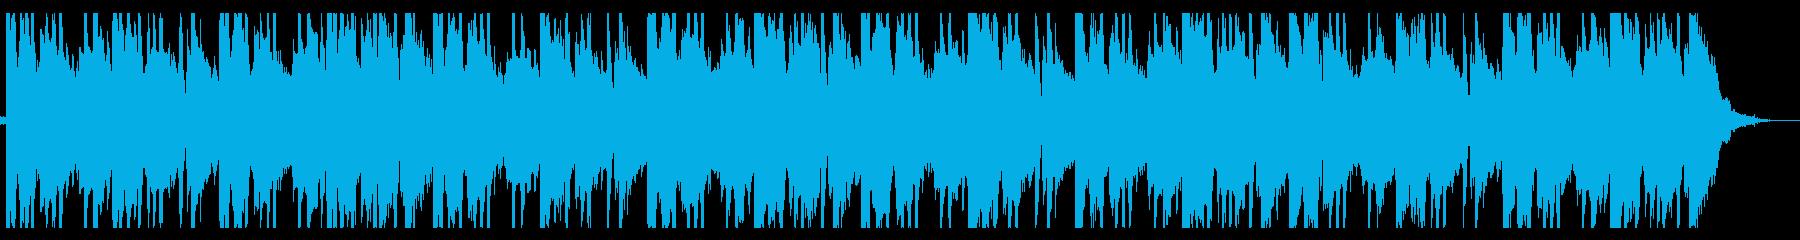 ラジオ/ローファイ_No396_3の再生済みの波形